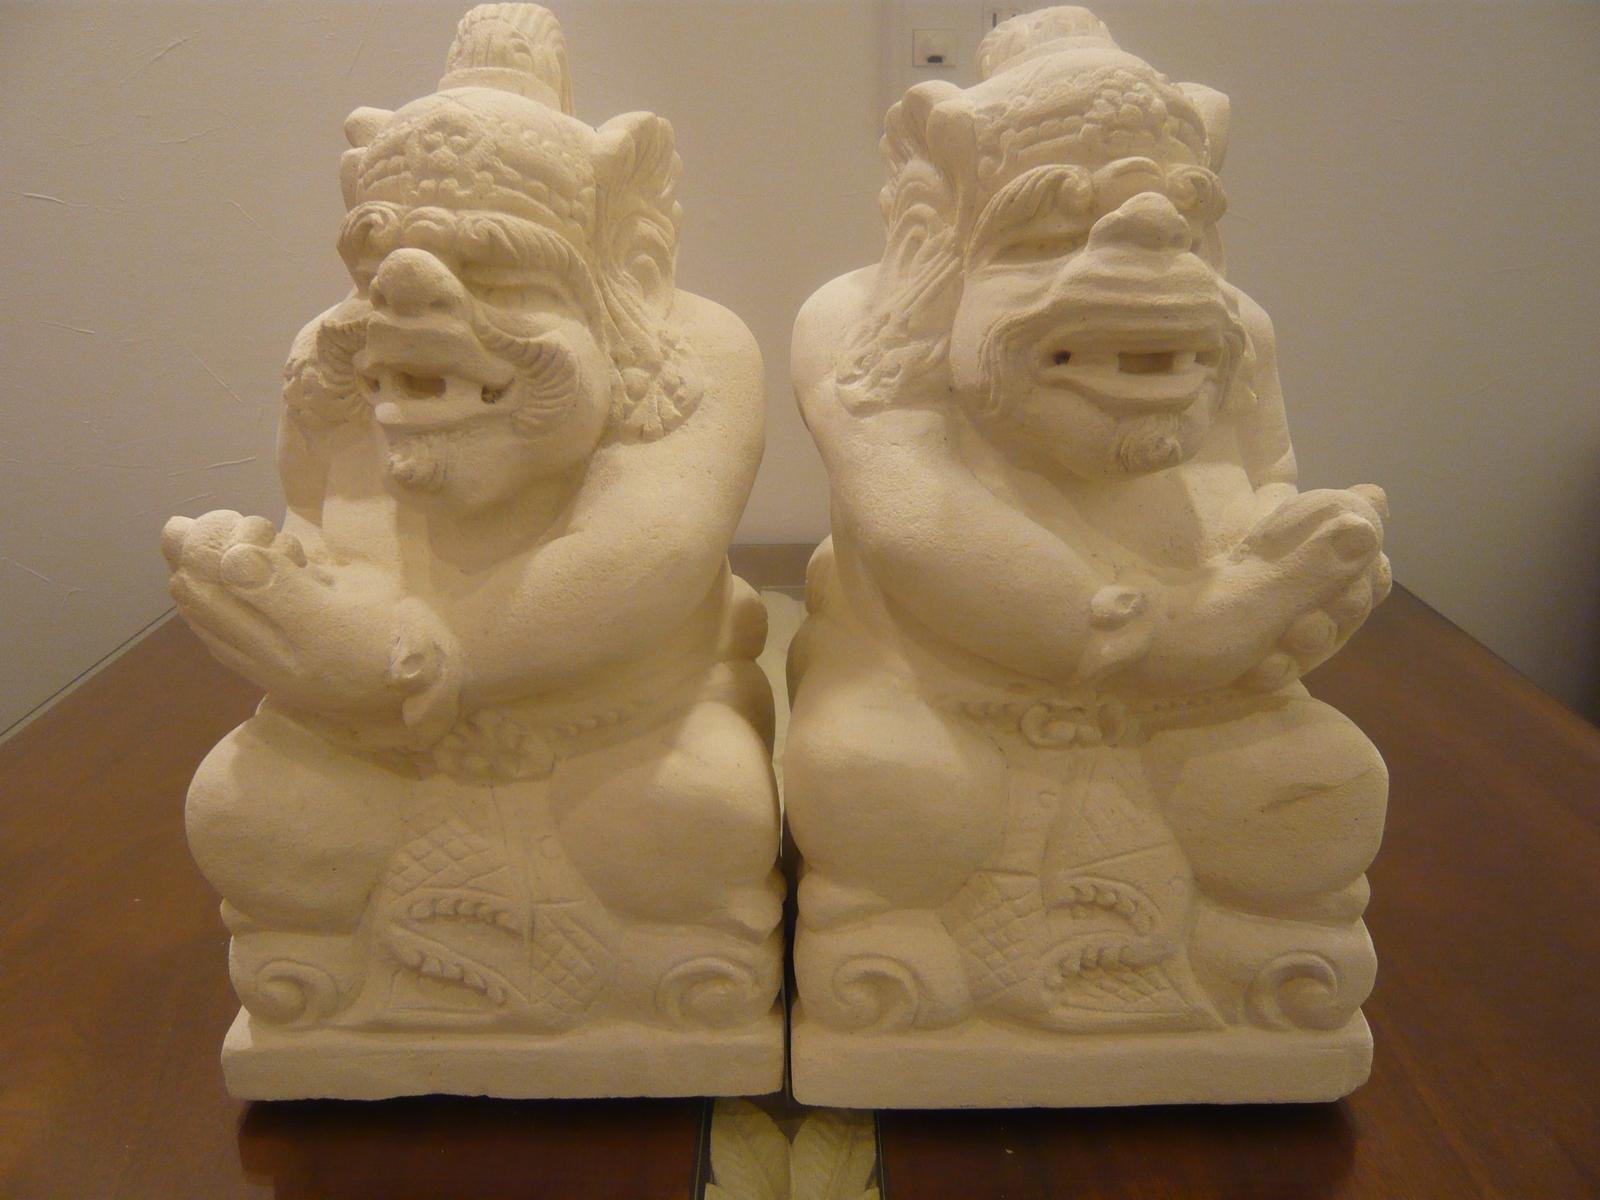 オブジェ ストーンオブジェ ハヌマーン像2体セット ストーンカービング 石彫り 石像 パラス石 アジアン雑貨 アジアンインテリア